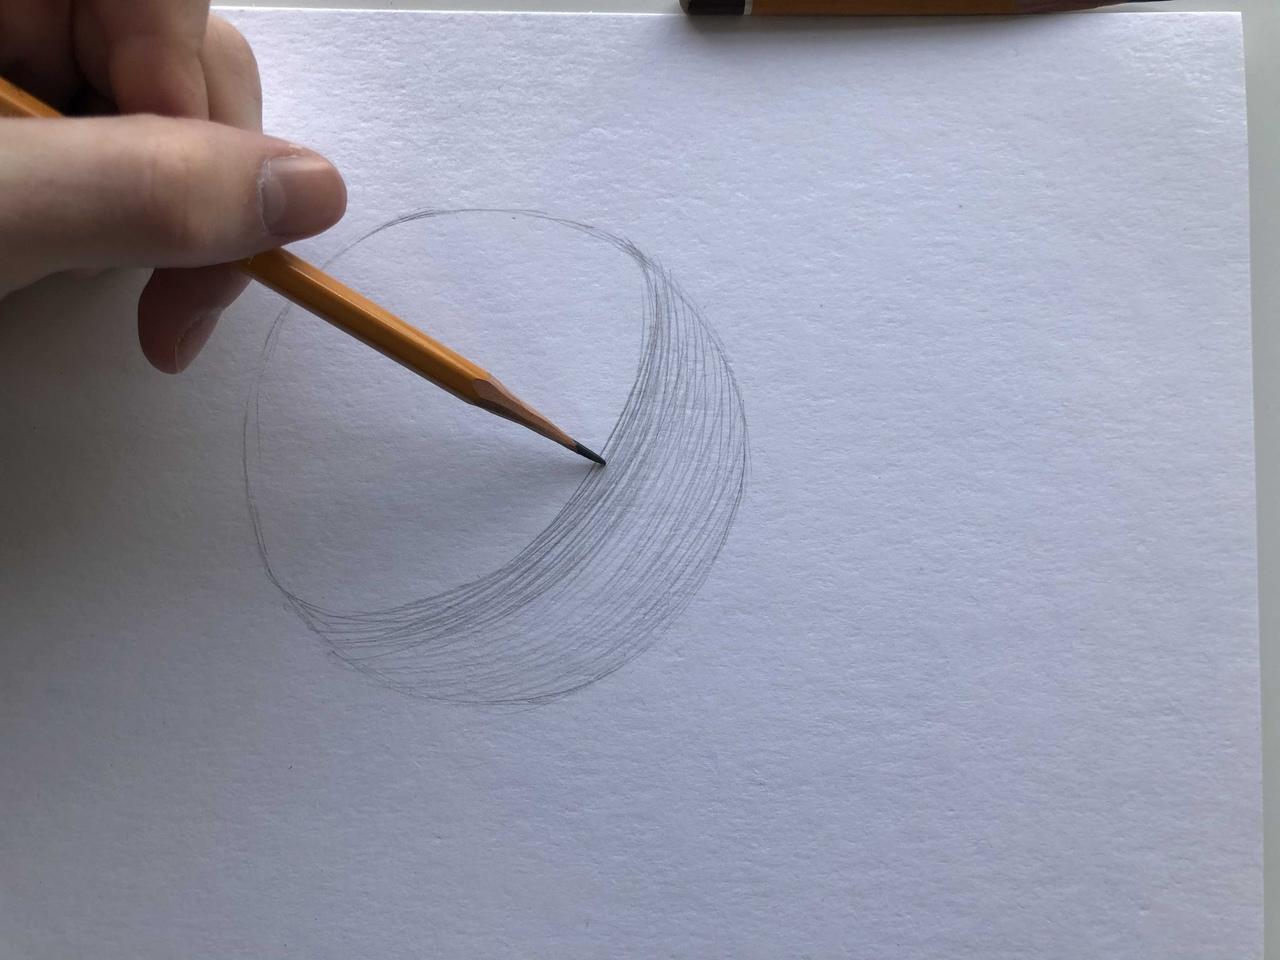 Виды штриховок в рисунке - контурная штриховка - фото